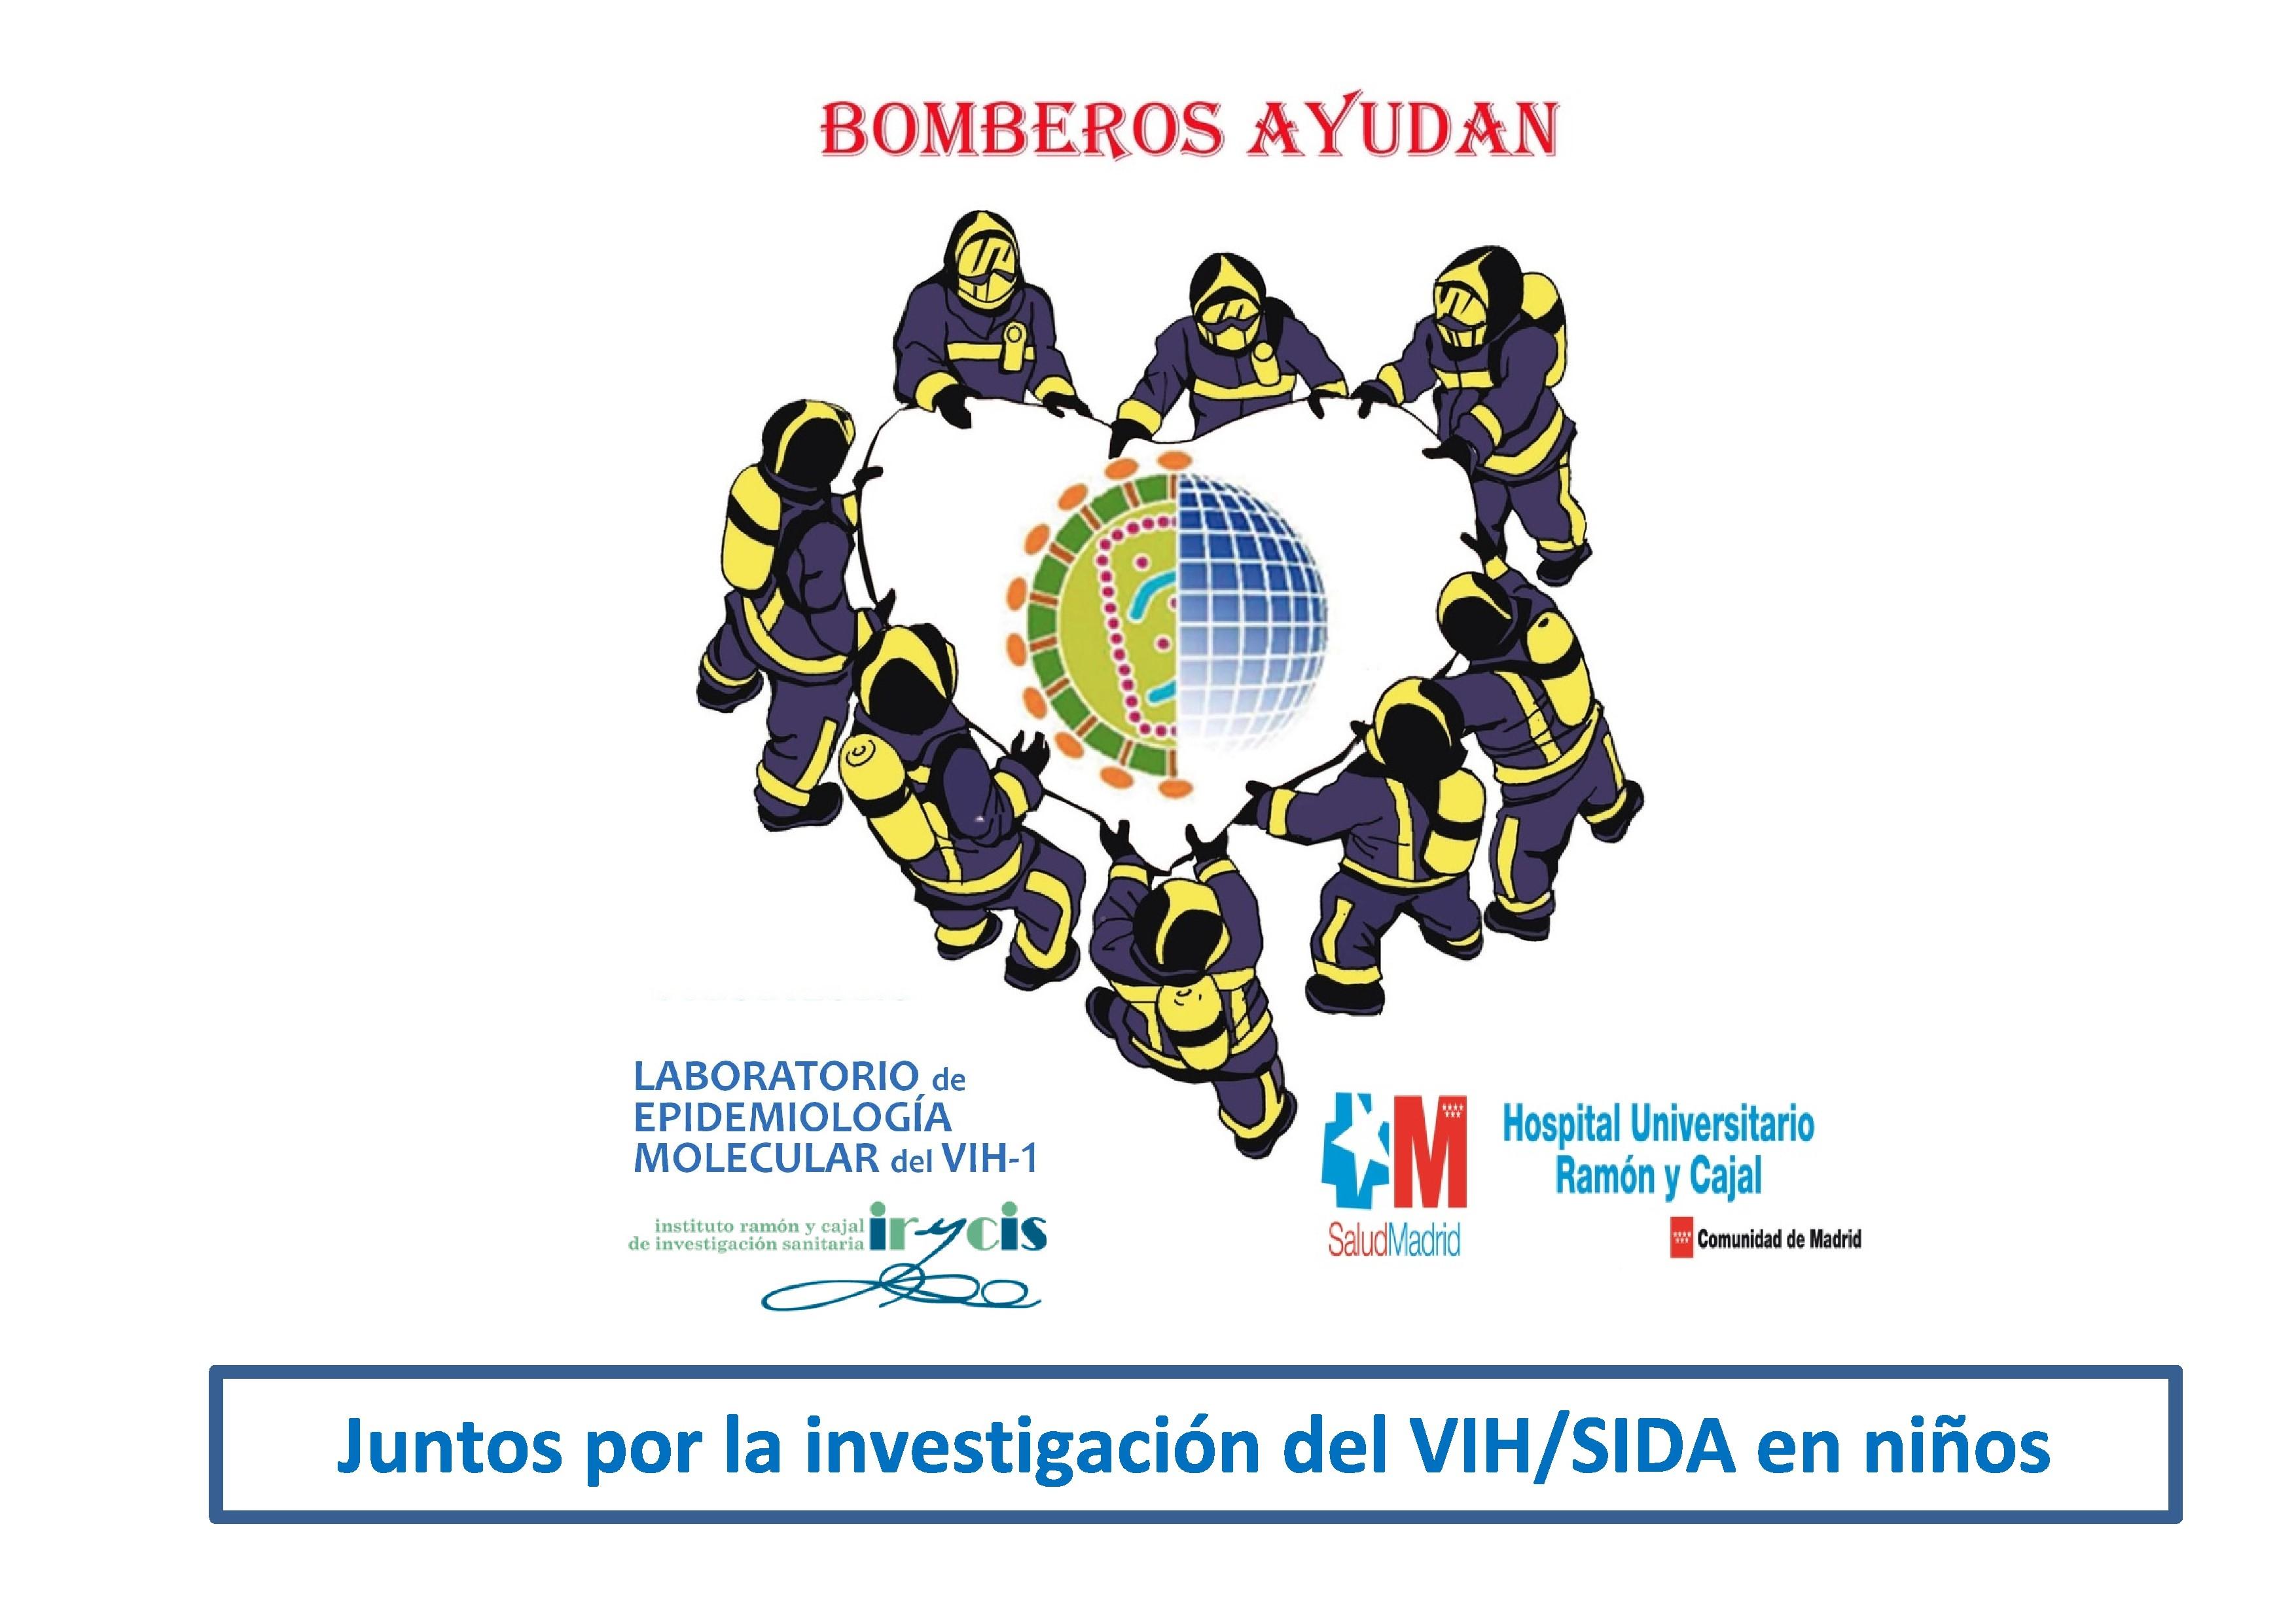 Bomberos ayudan y hospital Ramon y Cajal